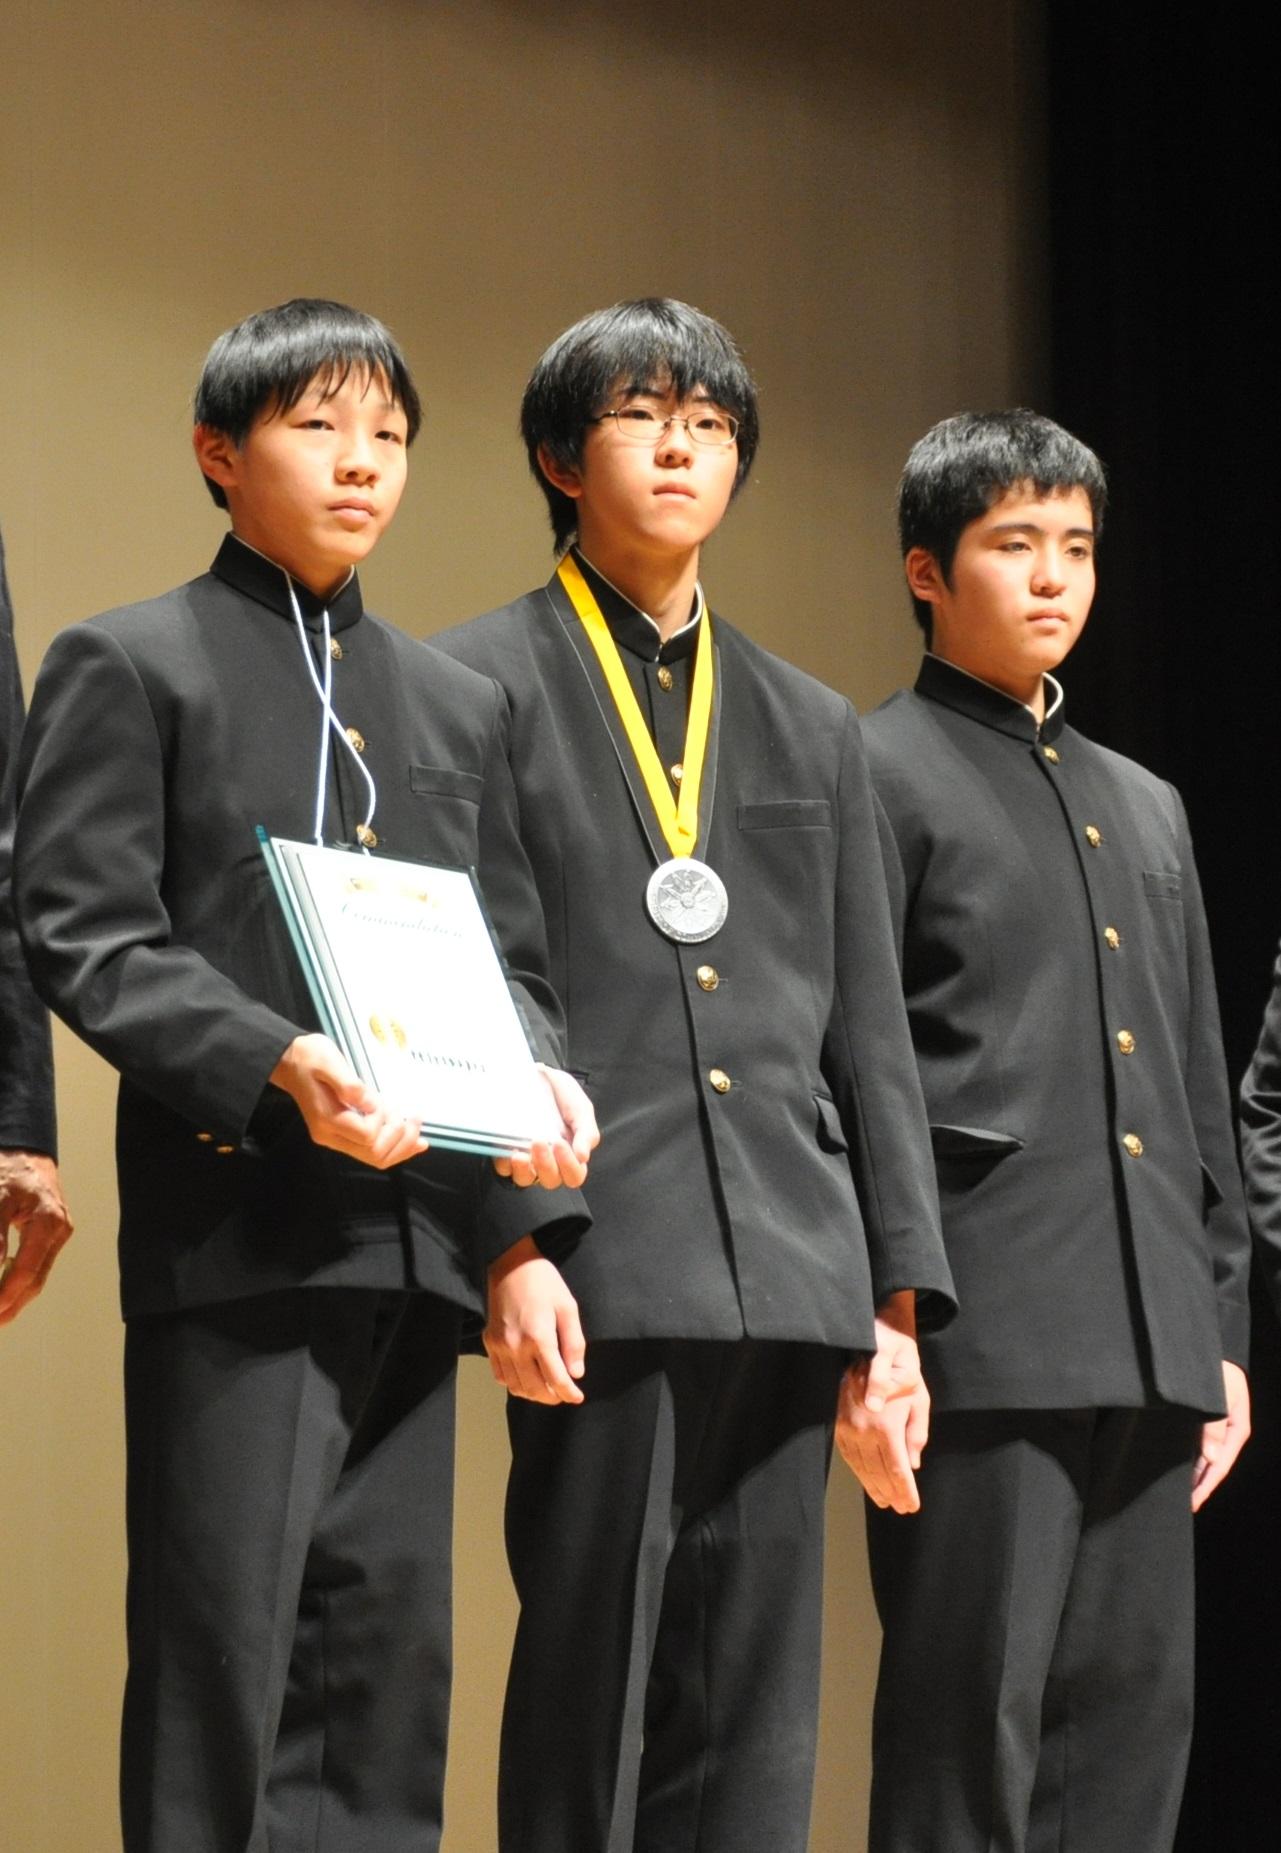 大安中テクニカルボランティア部の最後の部員3人。左が須田部長。